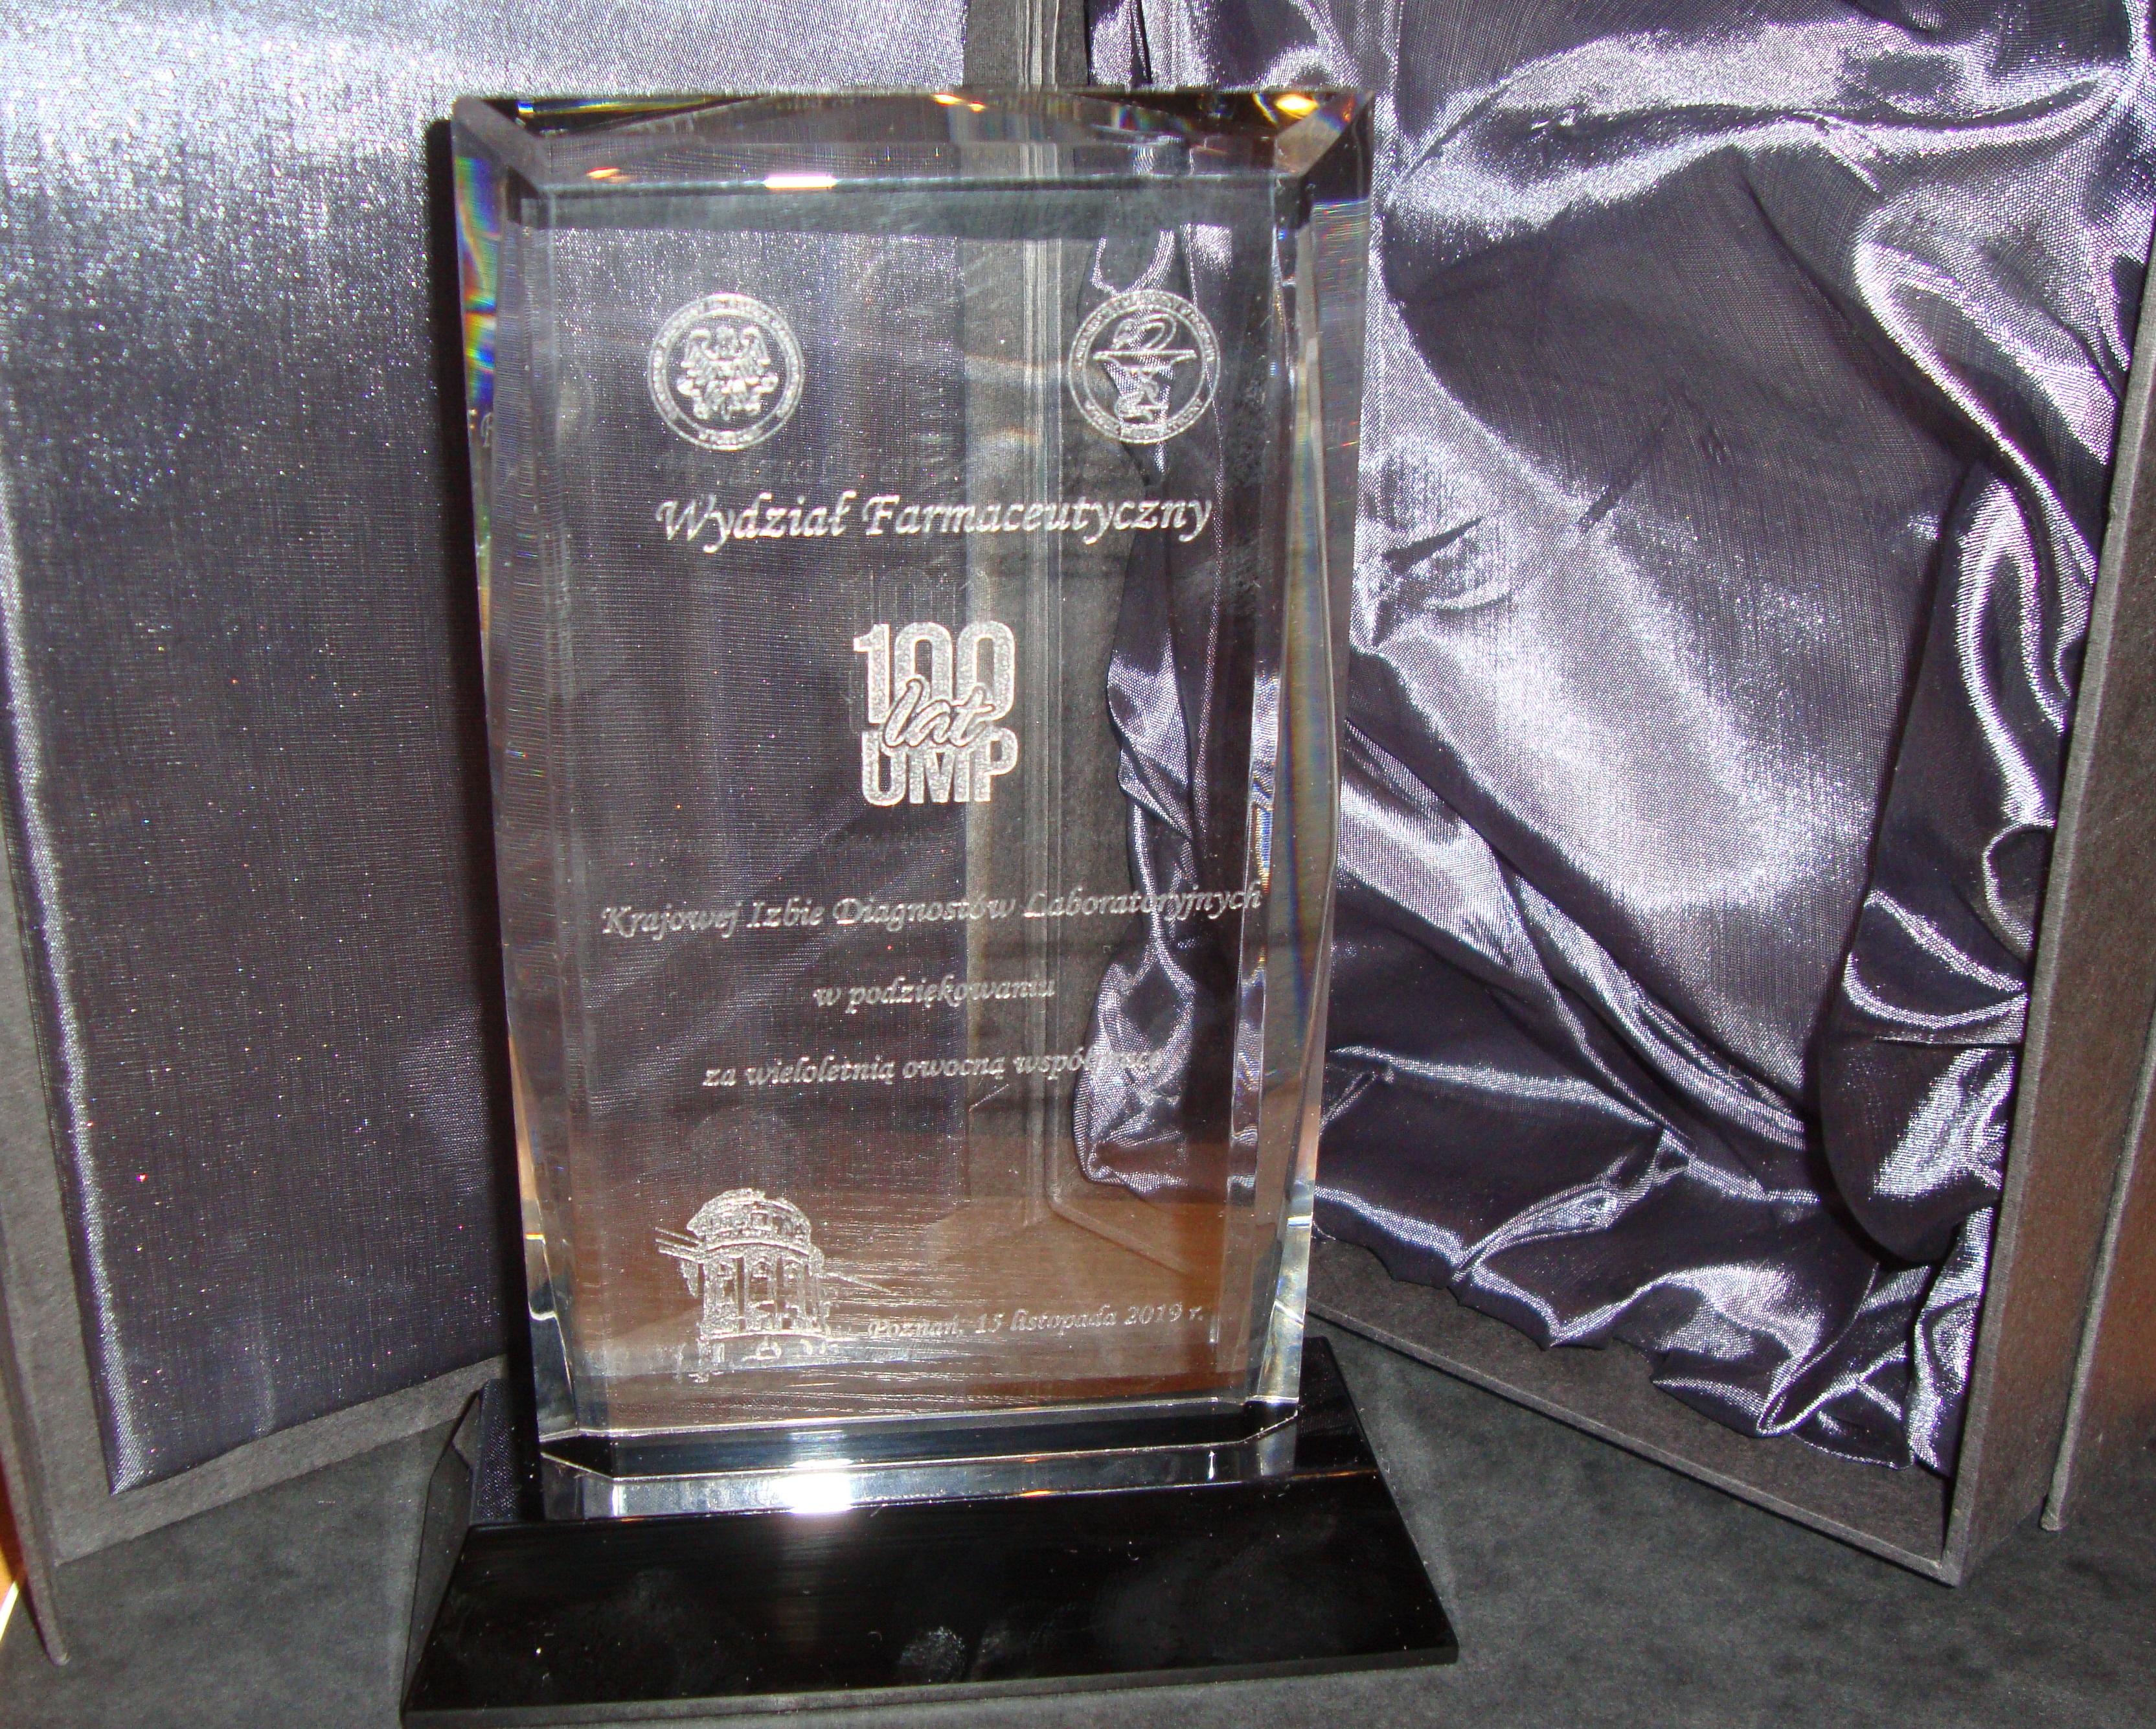 W trakcie uroczystości uhonorowano Krajową Izbę Diagnostów Laboratoryjnych.